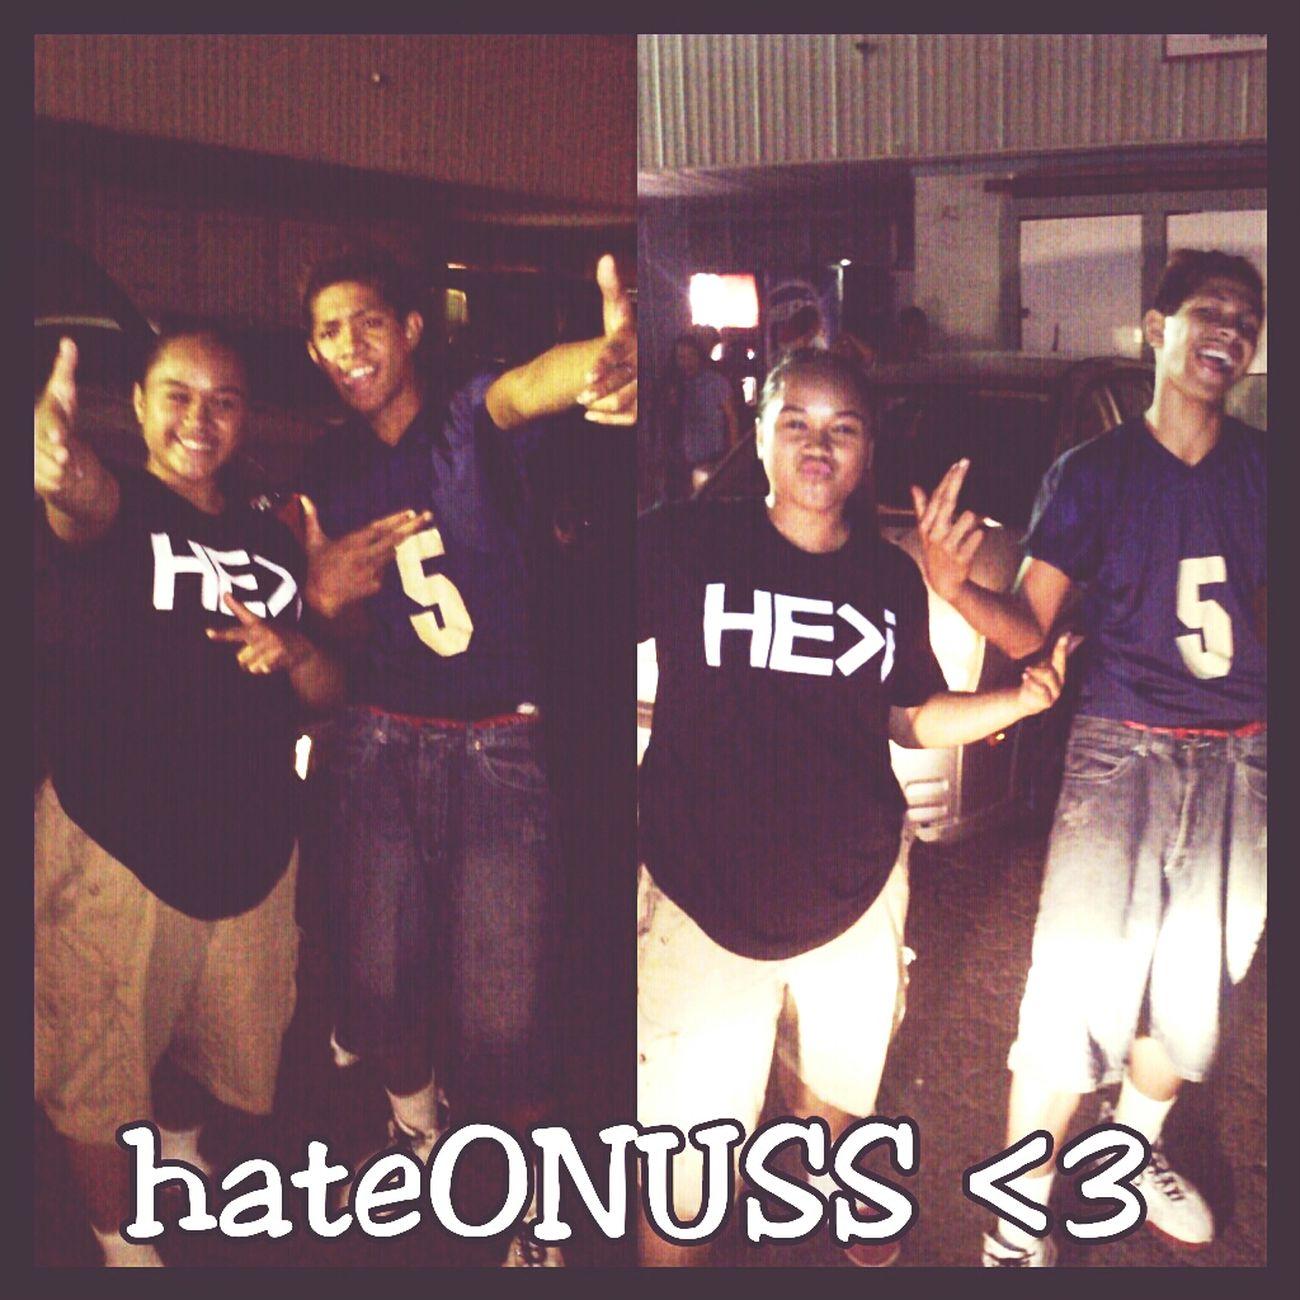 Hate On Us Like We Care #Justin #bbybro